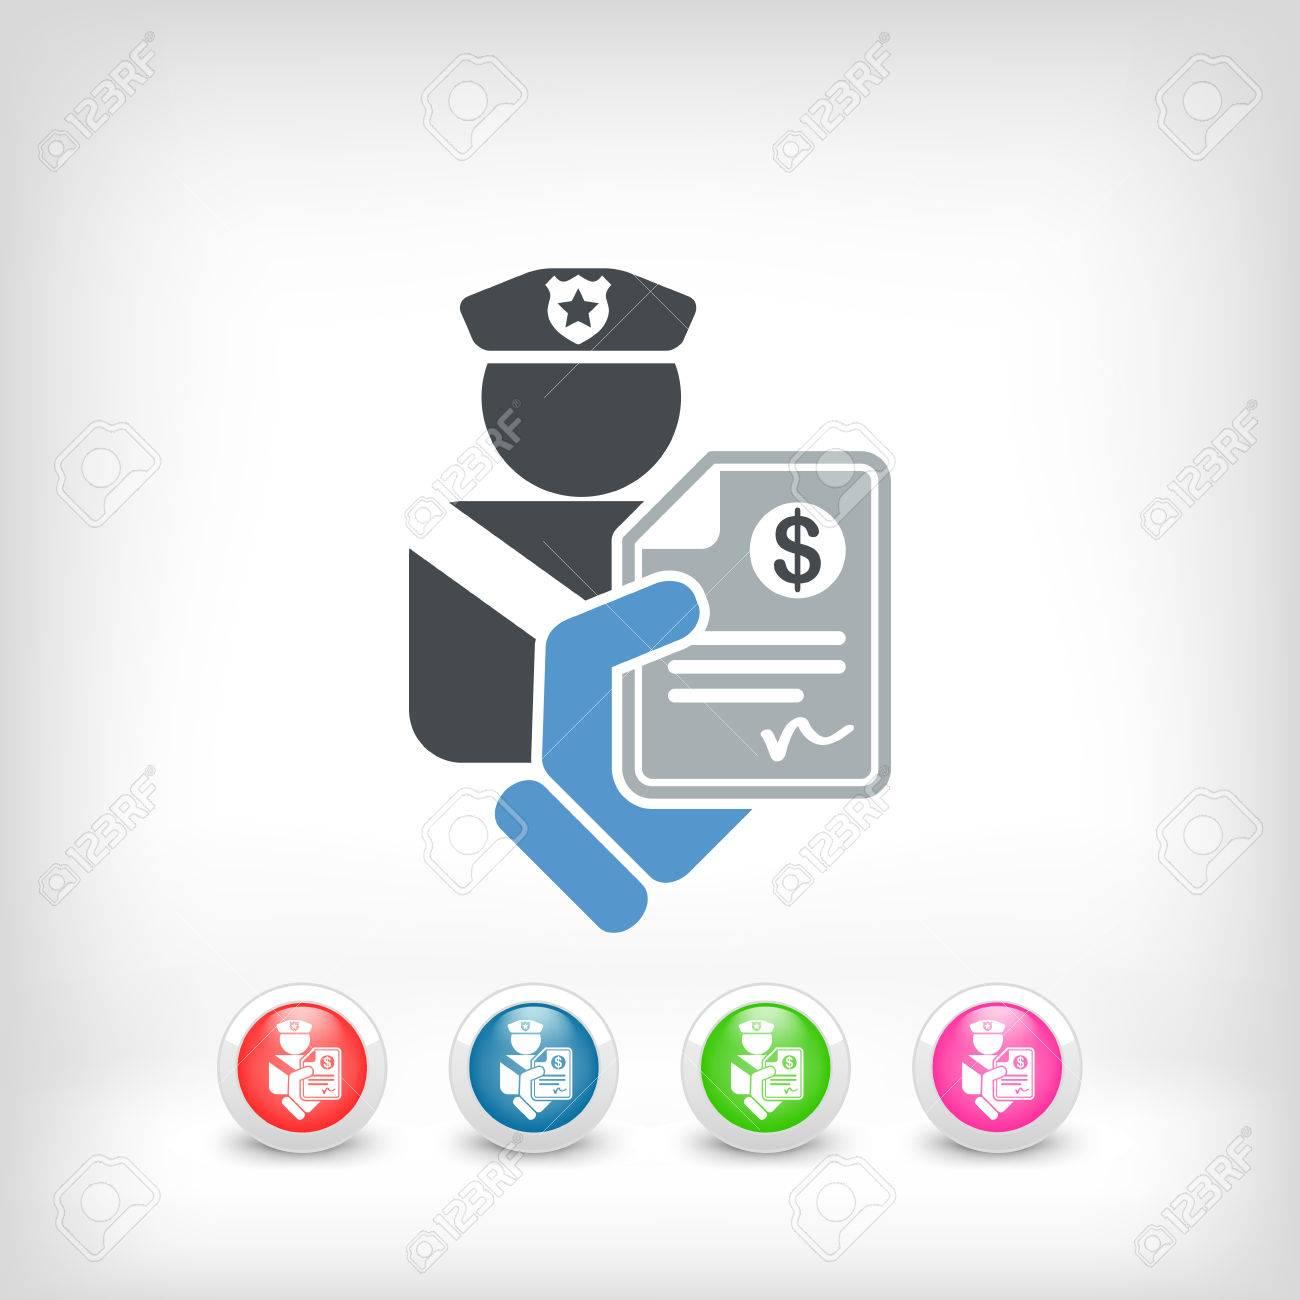 Policeman fine icon Stock Vector - 23097542